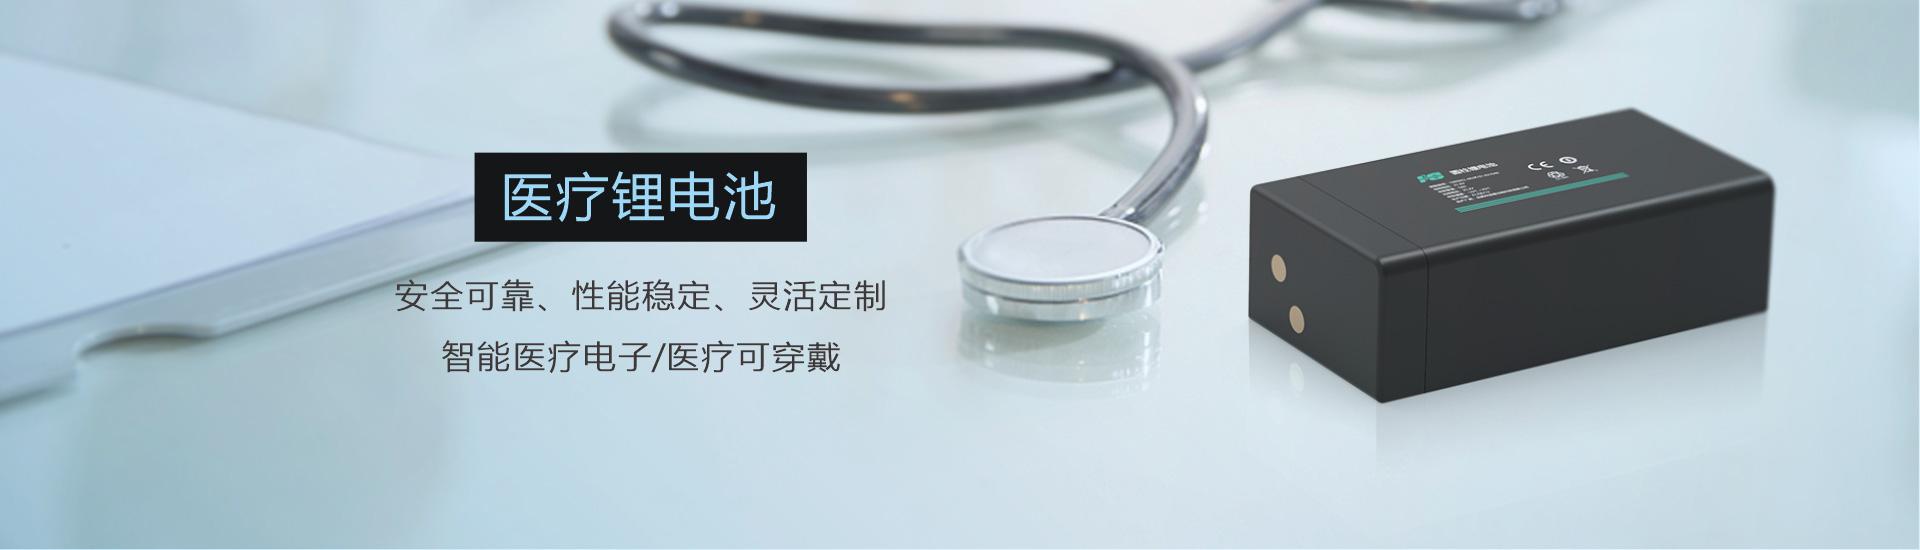 医疗锂电池